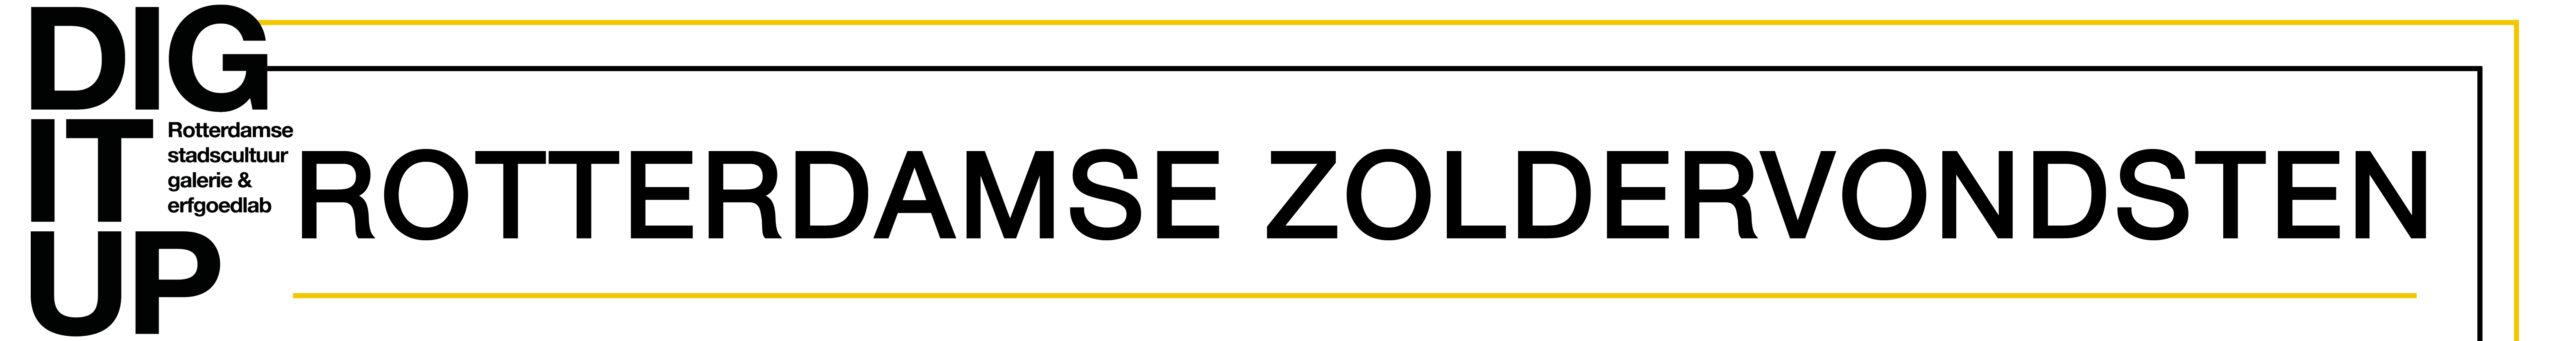 Rotterdamse Zoldervondsten Logo